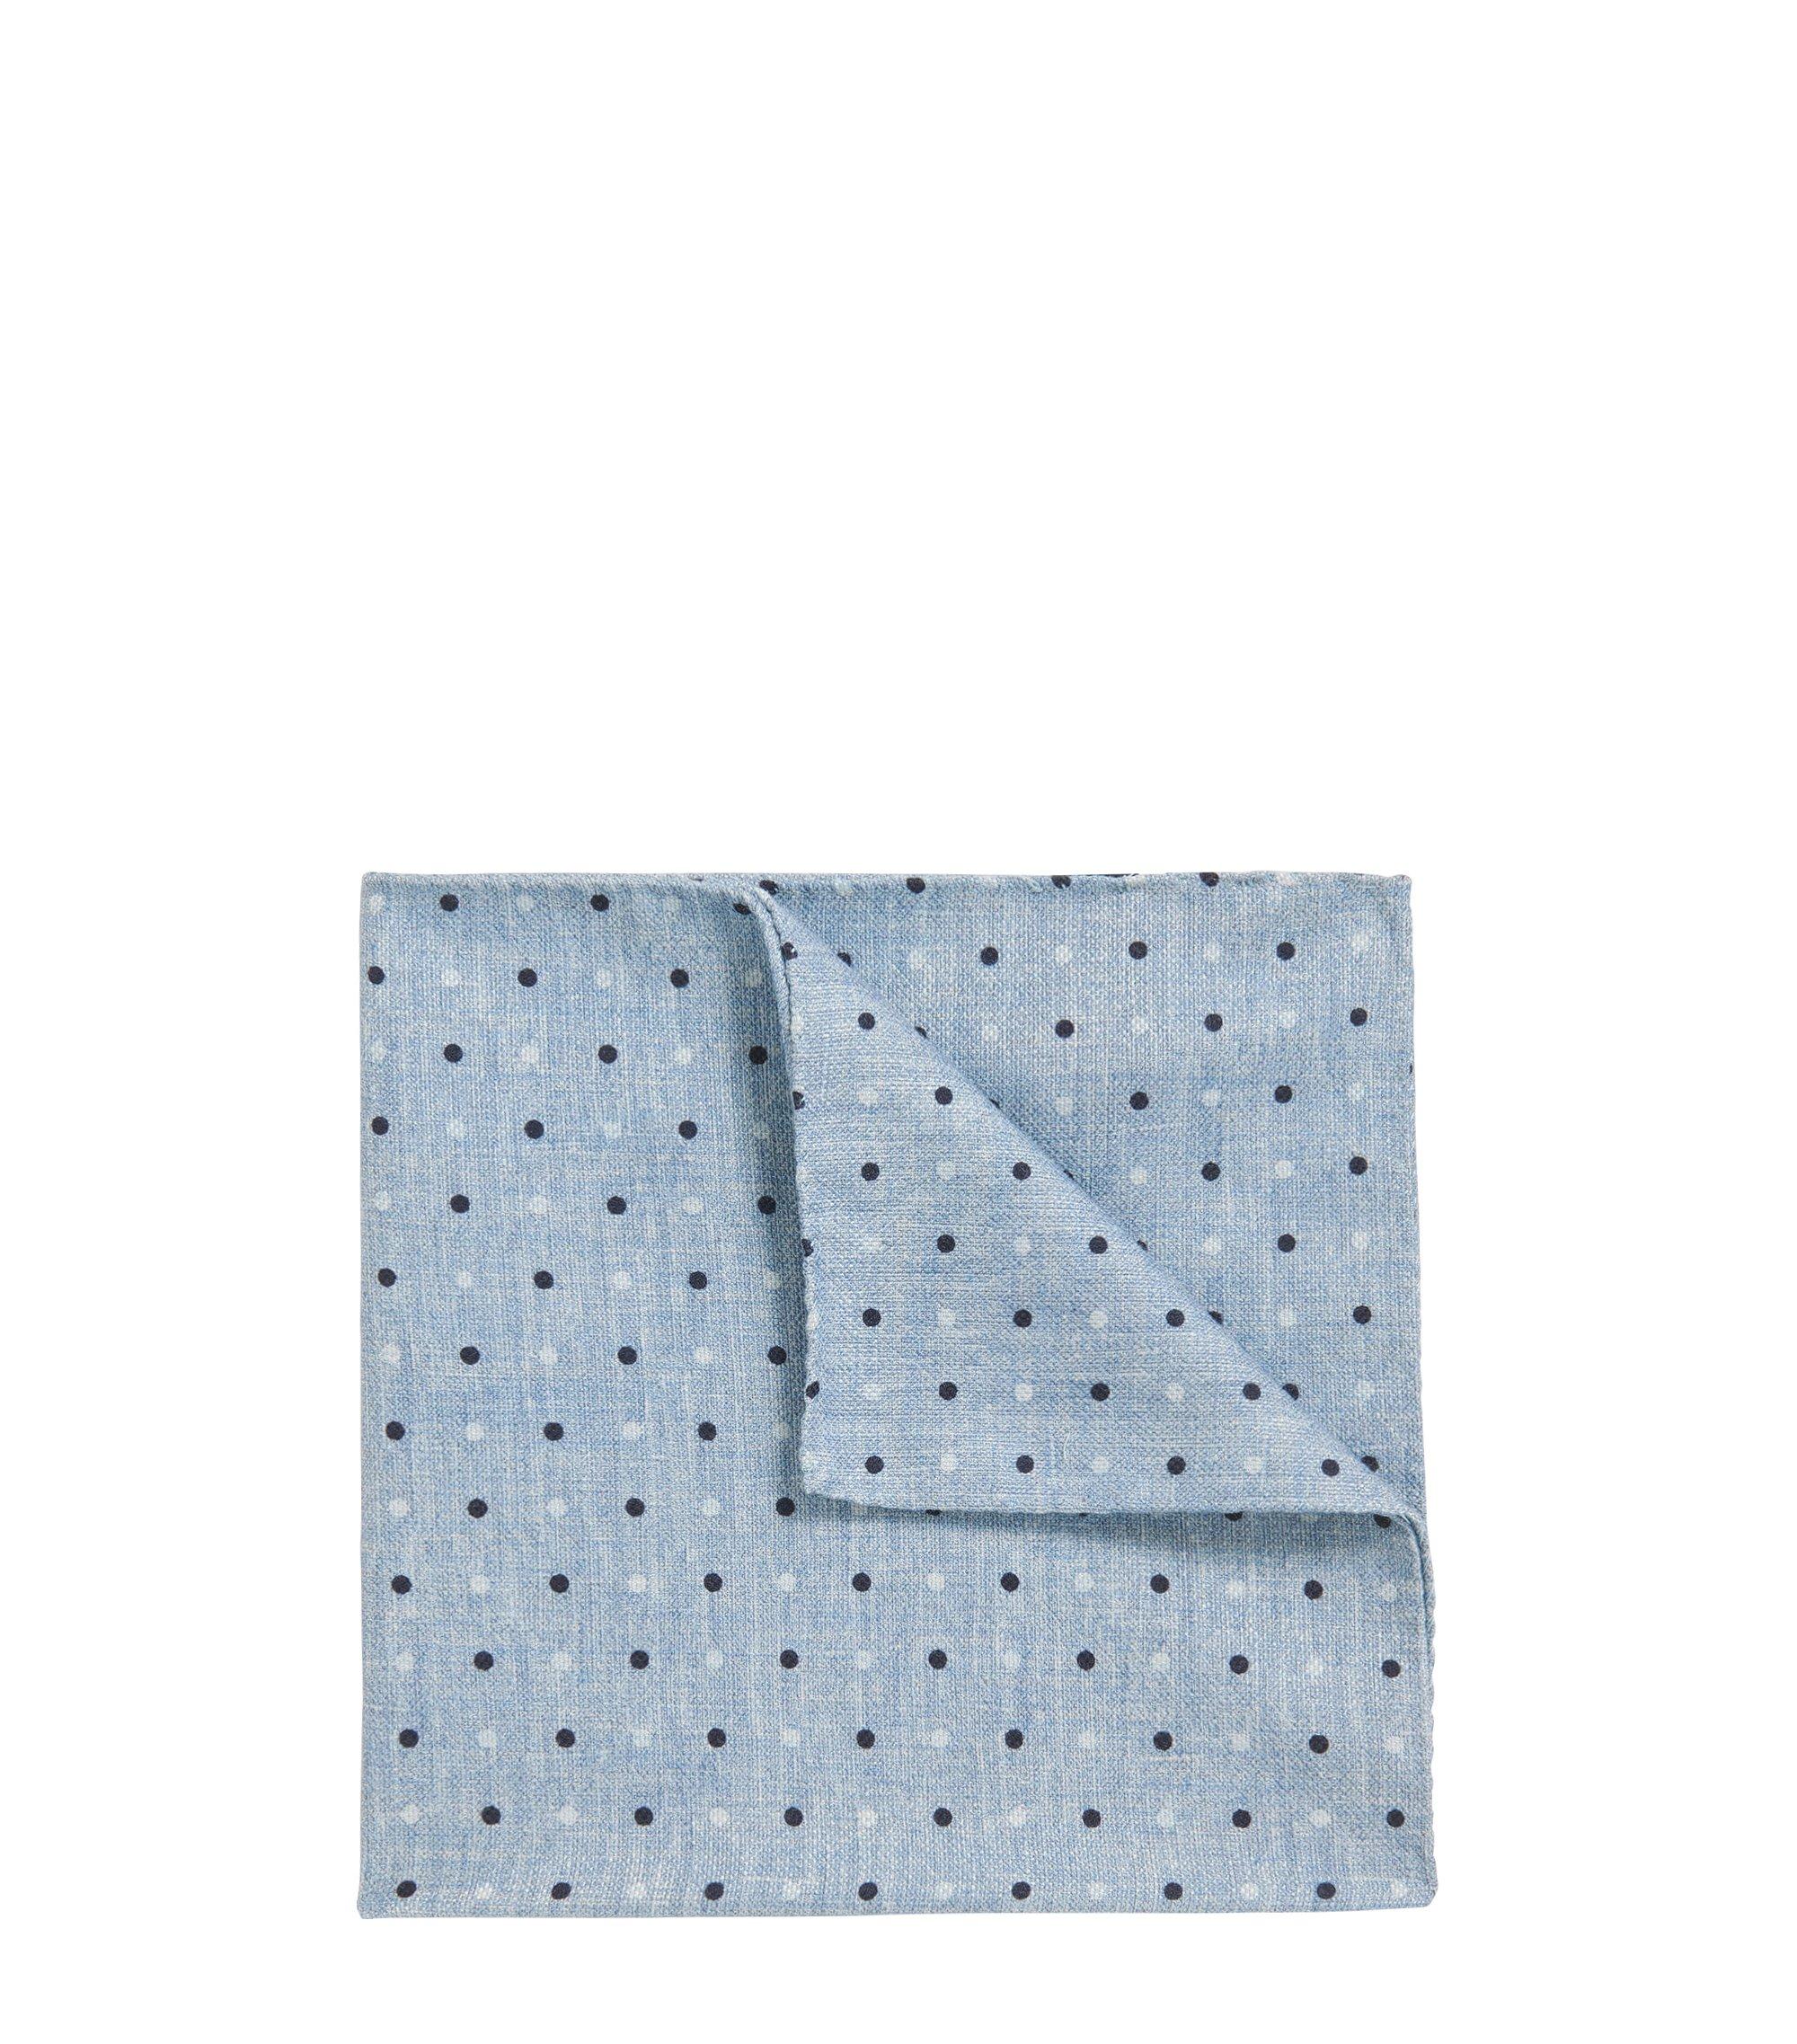 Polka-dot pocket square in a cotton blend, Dark Blue